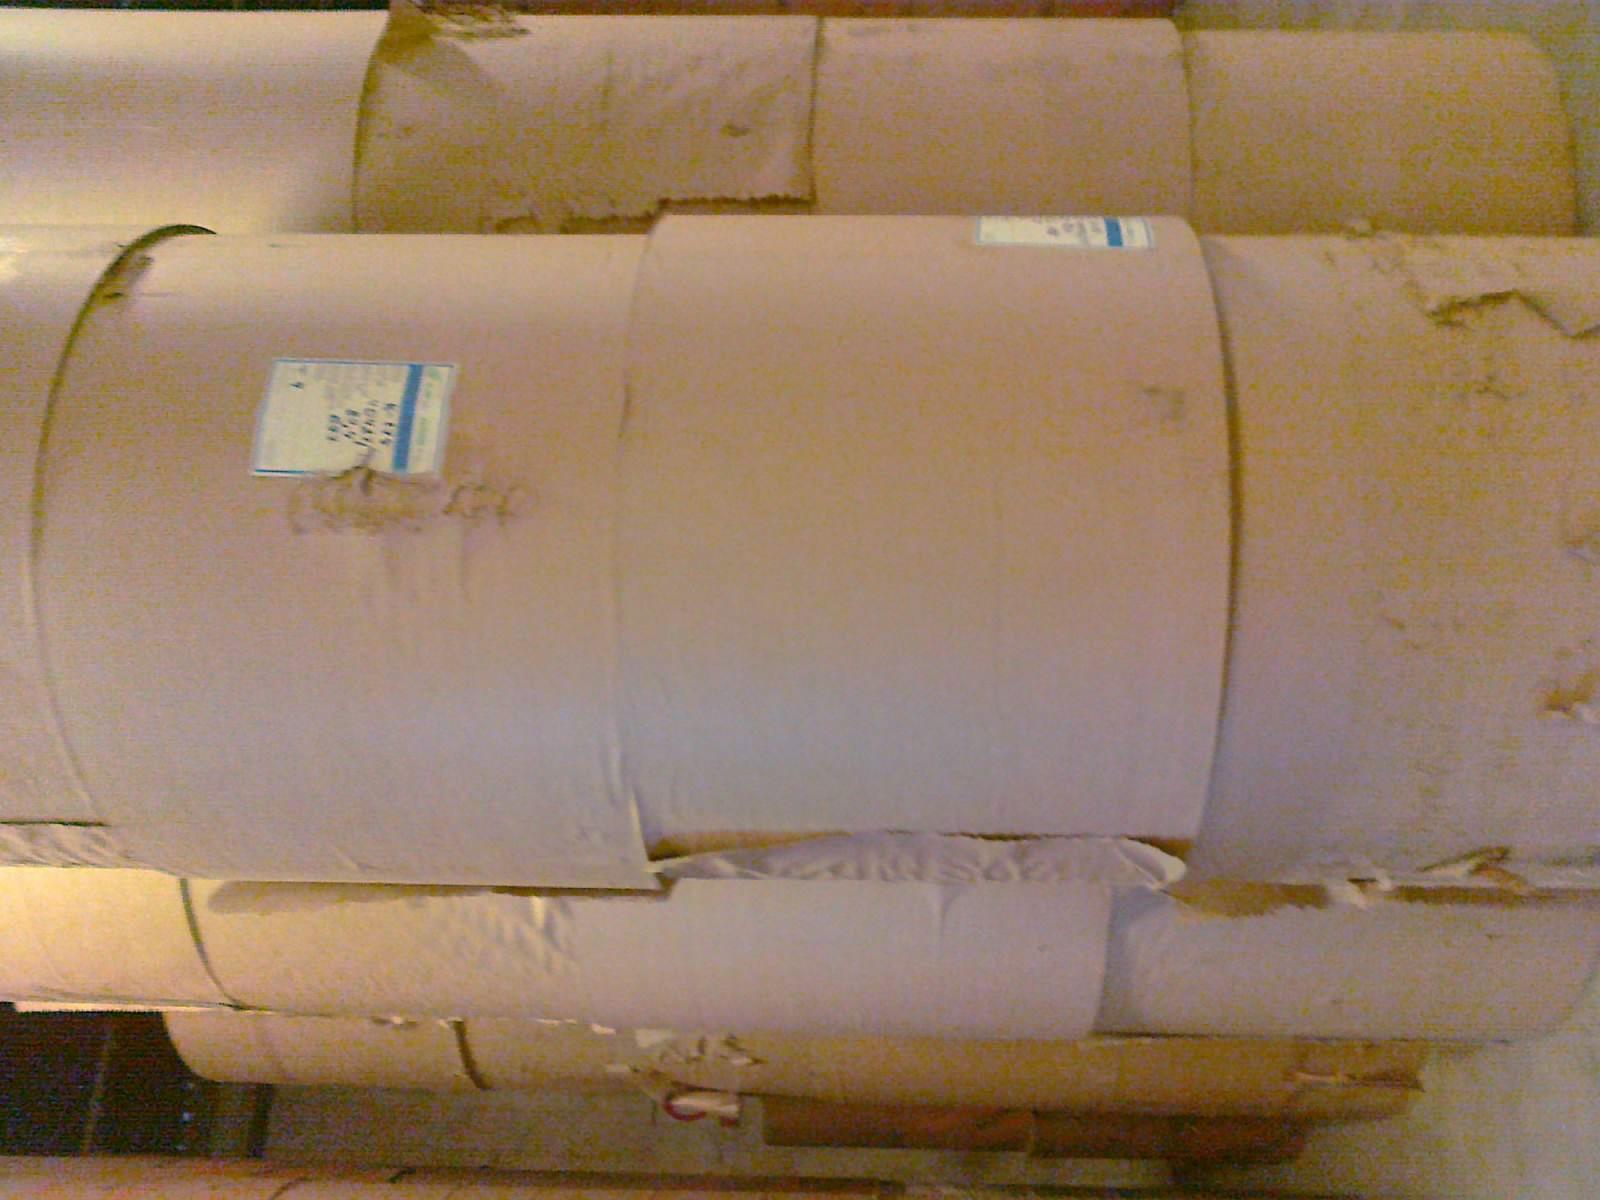 带   包括双面压敏胶0带、压敏胶带、高级双面胶粘带、封箱胶带、胶粘带、纸质不干胶带。   芯   包括纸芯、瓦楞芯纸、纸筒芯、螺旋式纸筒芯。   纸板   纸板:一般将厚度大于0.1毫米的纸称为纸板。大体分为包装用纸板、工业用纸板、建筑纸板及印刷与装饰用纸板四大类。一般定量小于225克/平方米被认为是纸,定量225克/平方米或以上的被认为是纸板。   纸桶      包括纸方桶、纸管、纸筒芯、螺旋纸管。   板纸      又称纸板。   纸杯      是一种杯状液体包装容器,有冷热饮杯、快餐食品杯。